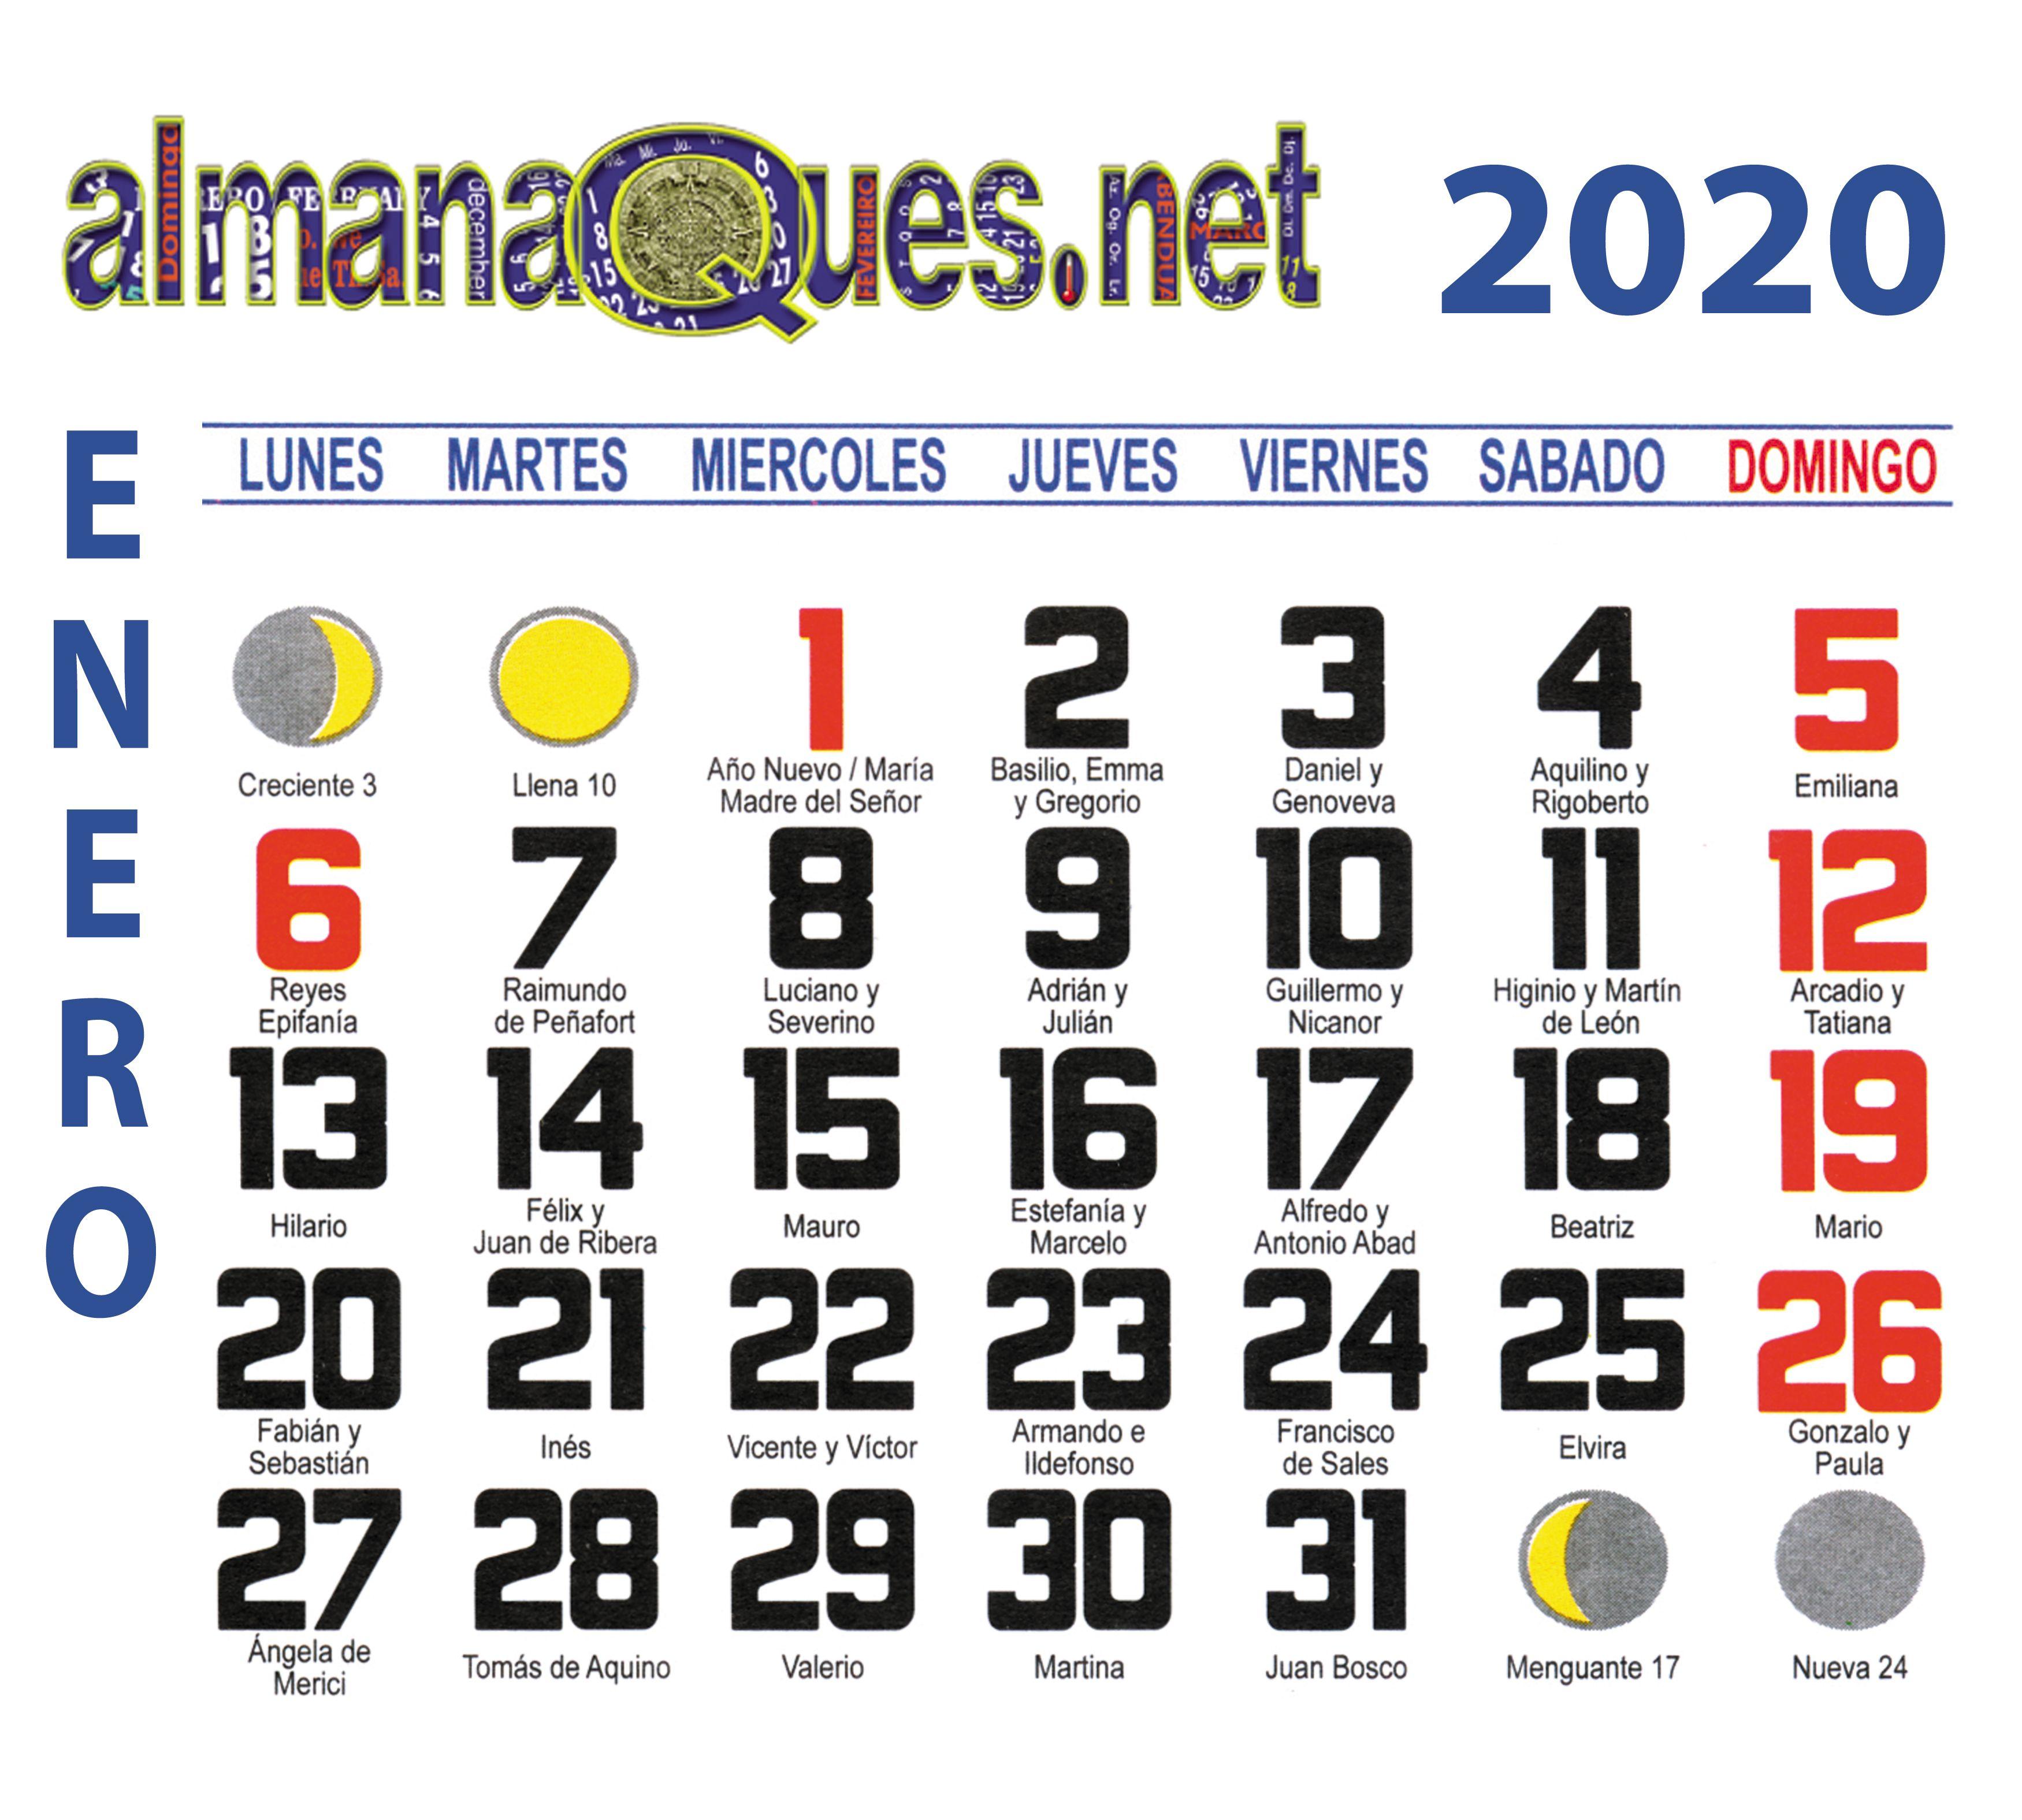 Calendario 2020 Con Santoral Y Lunas Santoral Calendario Con Santoral Calendario